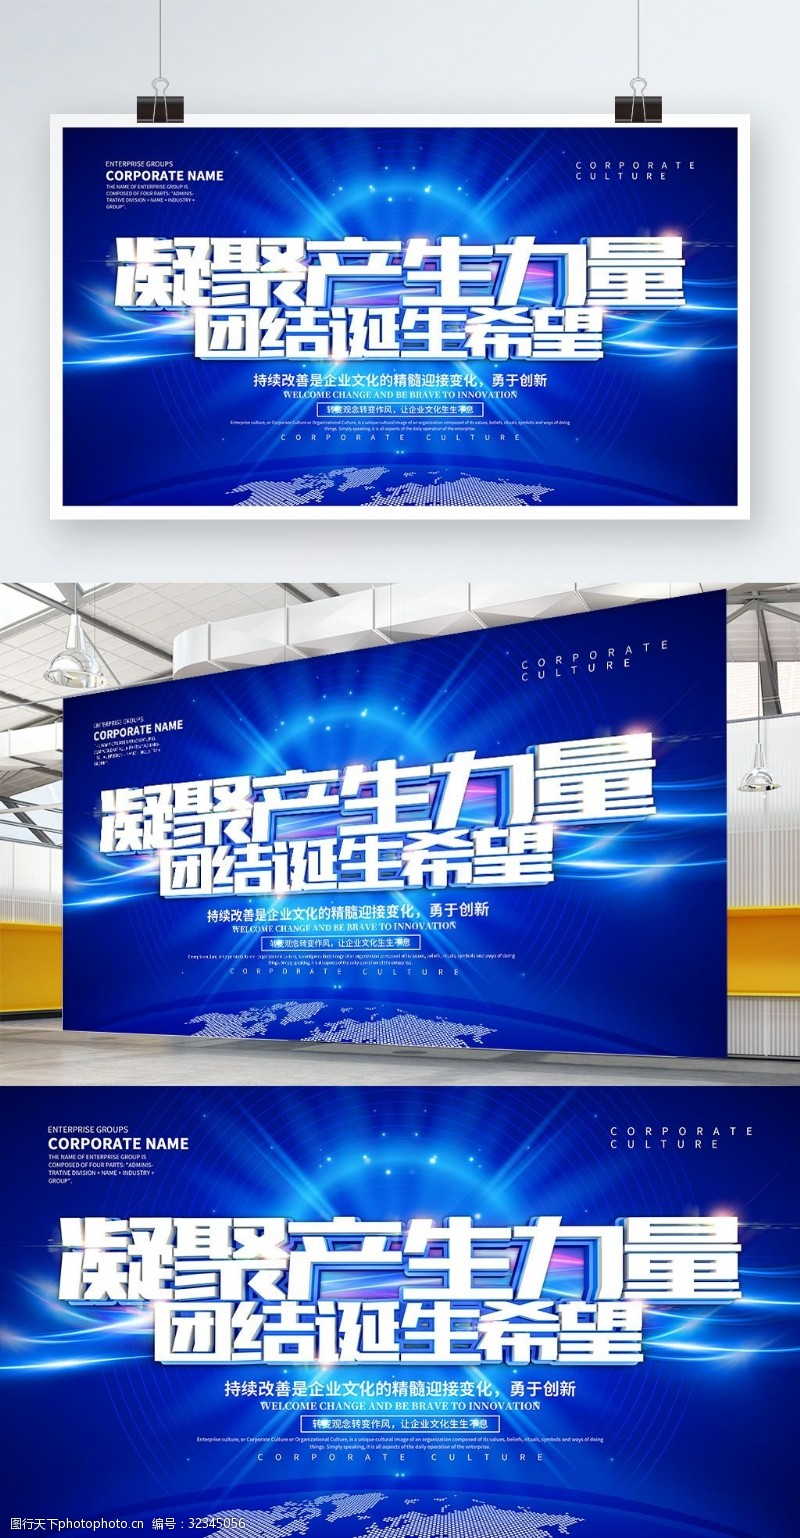 藍色科技風凝聚產生力量企業展板設計